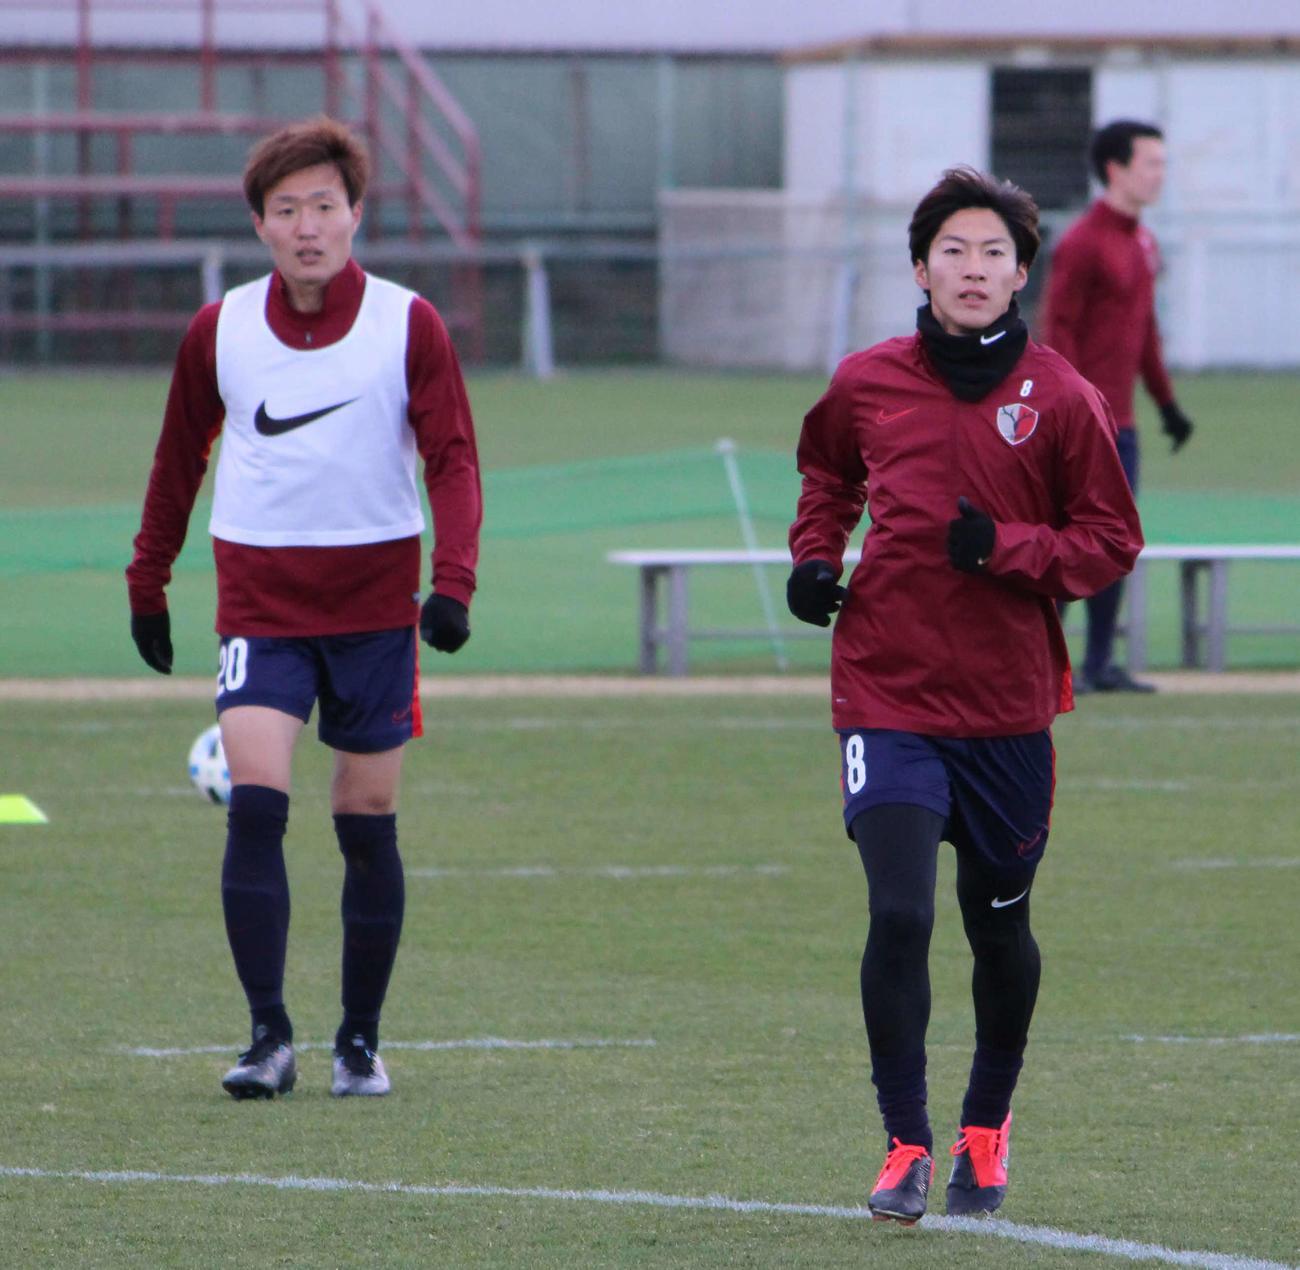 練習中のMF土居聖真(右)とMF三竿健斗